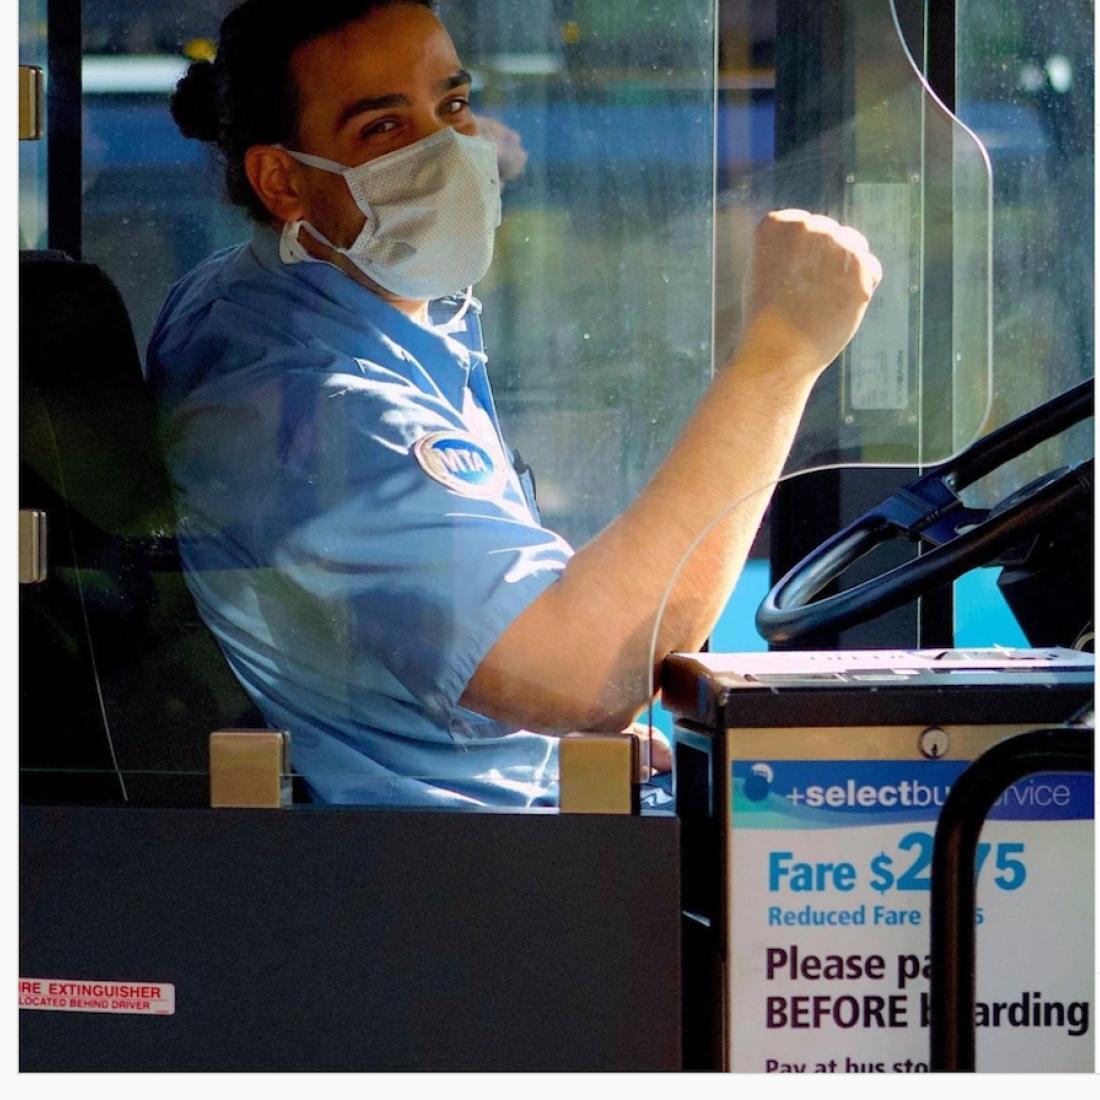 Un conductor de autobús con una máscara se sienta al volante de un autobús con el puño ligeramente levantado.